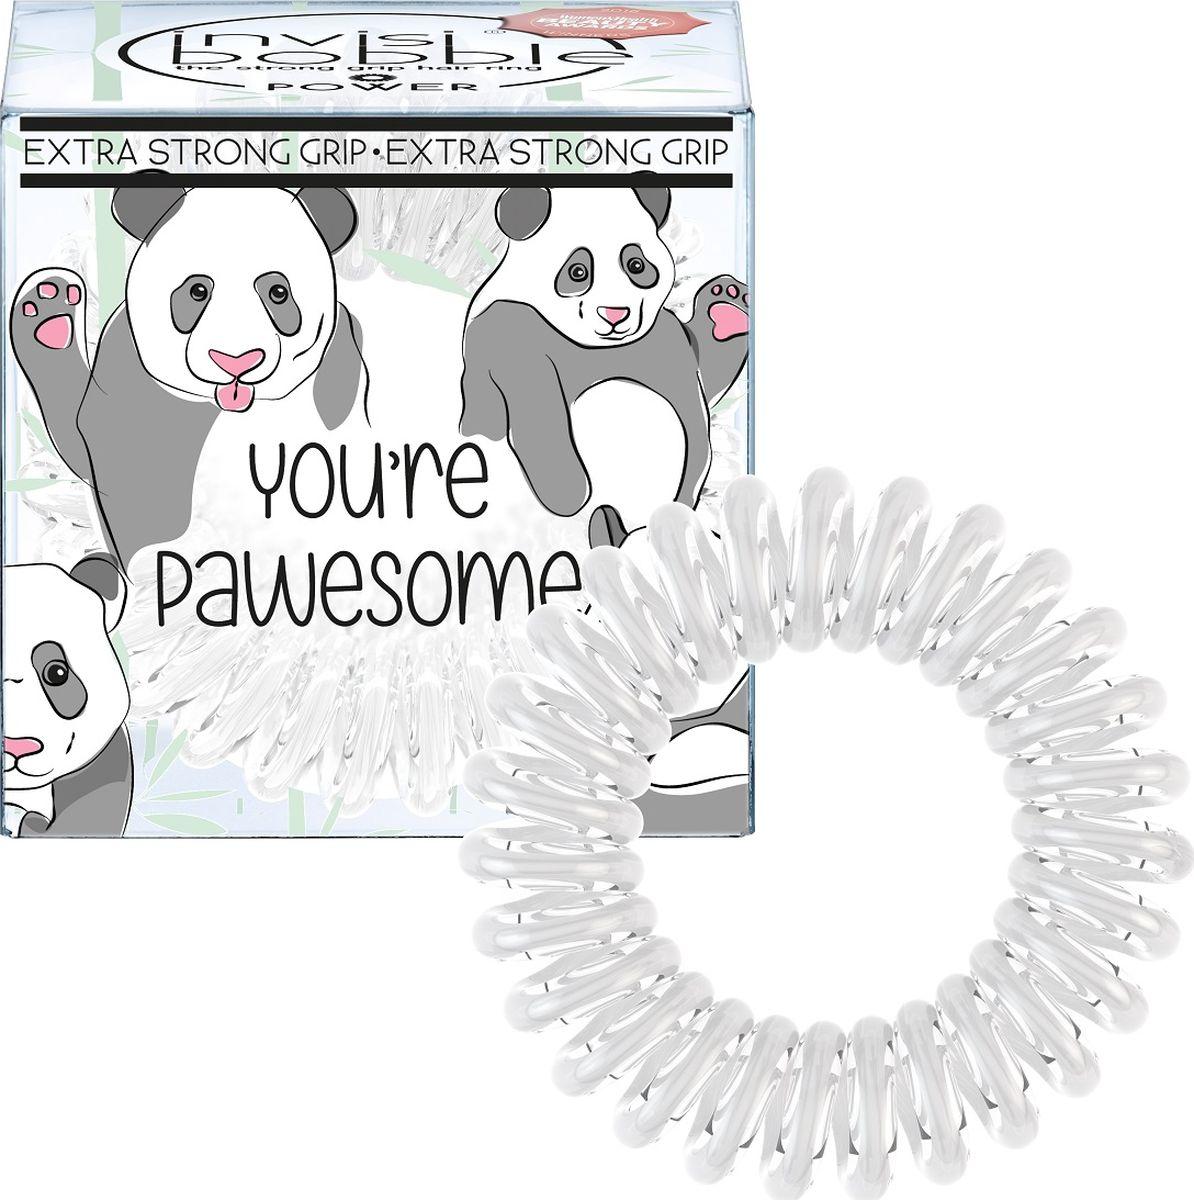 Invisibobble Резинка-браслет для волос ORIGINAL You're Pawesome!MP59.4DРезинки-браслеты invisibobble ORIGINAL You're Pawesome! молочного цвета из лимитированной тематической коллекции invisibobble Circus. Эксклюзивная упаковка с изображением Милашки-панды подарит яркое фестивальное настроение! Резинки invisibobble подходят для всех типов волос, надежно фиксируют прическу, не оставляют заломы и не вызывают головную боль благодаря неравномерному распределению давления на волосы. Кроме того, они не намокают и не вызывают аллергию при контакте с кожей, поскольку изготовлены из искусственной смолы.